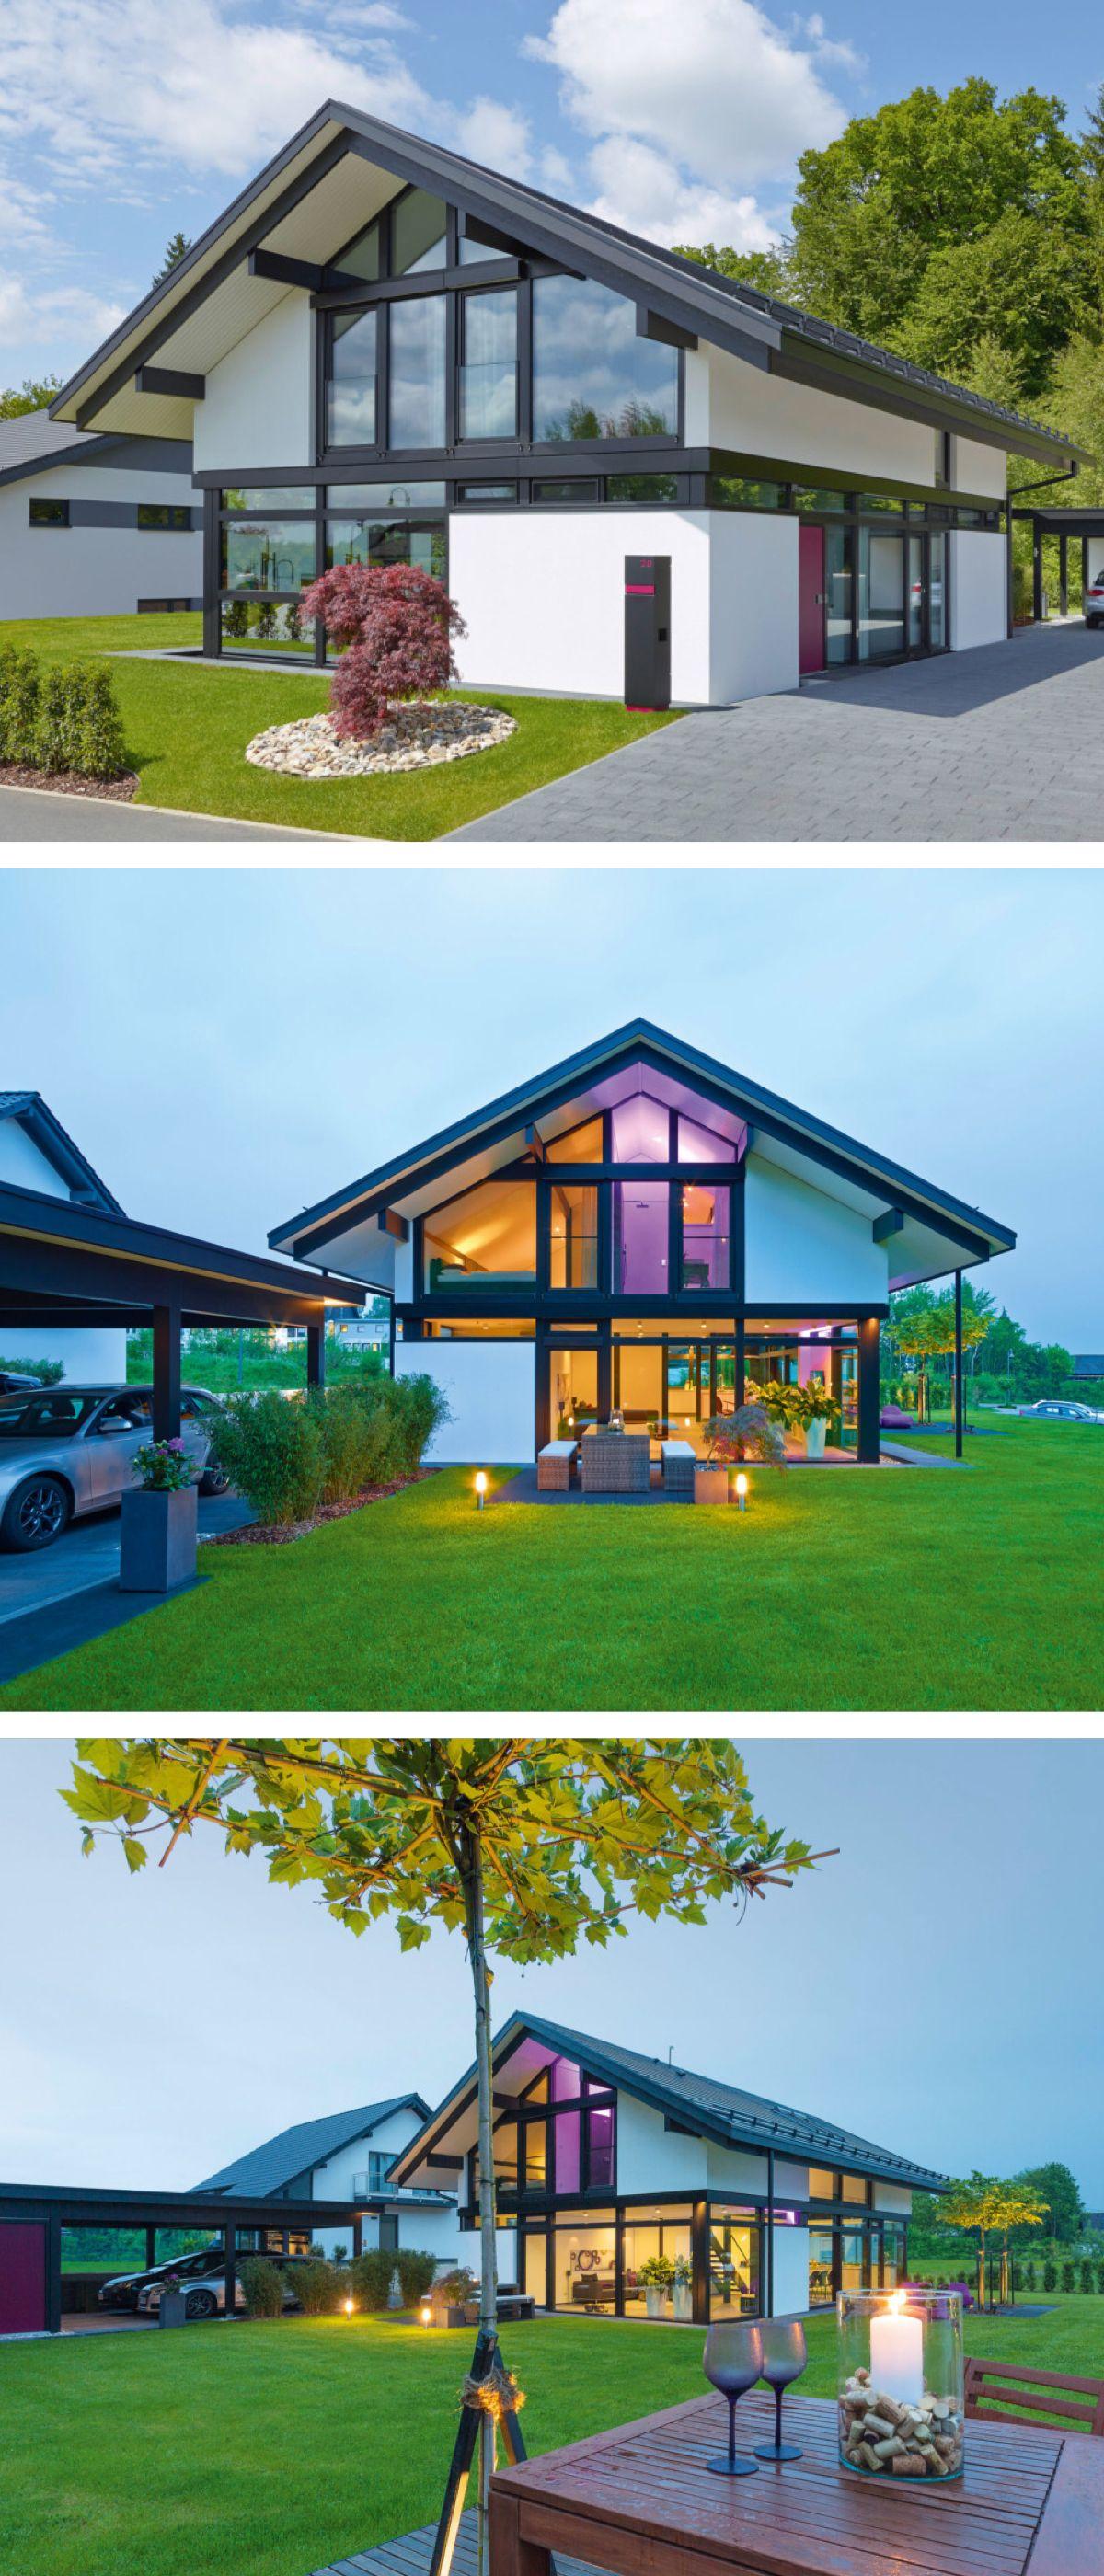 Moderne Fachwerk Haus Architektur Mit Satteldach Holz Glas Fassade Einfamilienhaus Als Fertighaus Bauen Huf Modum 7 11 Hausbaudirekt De